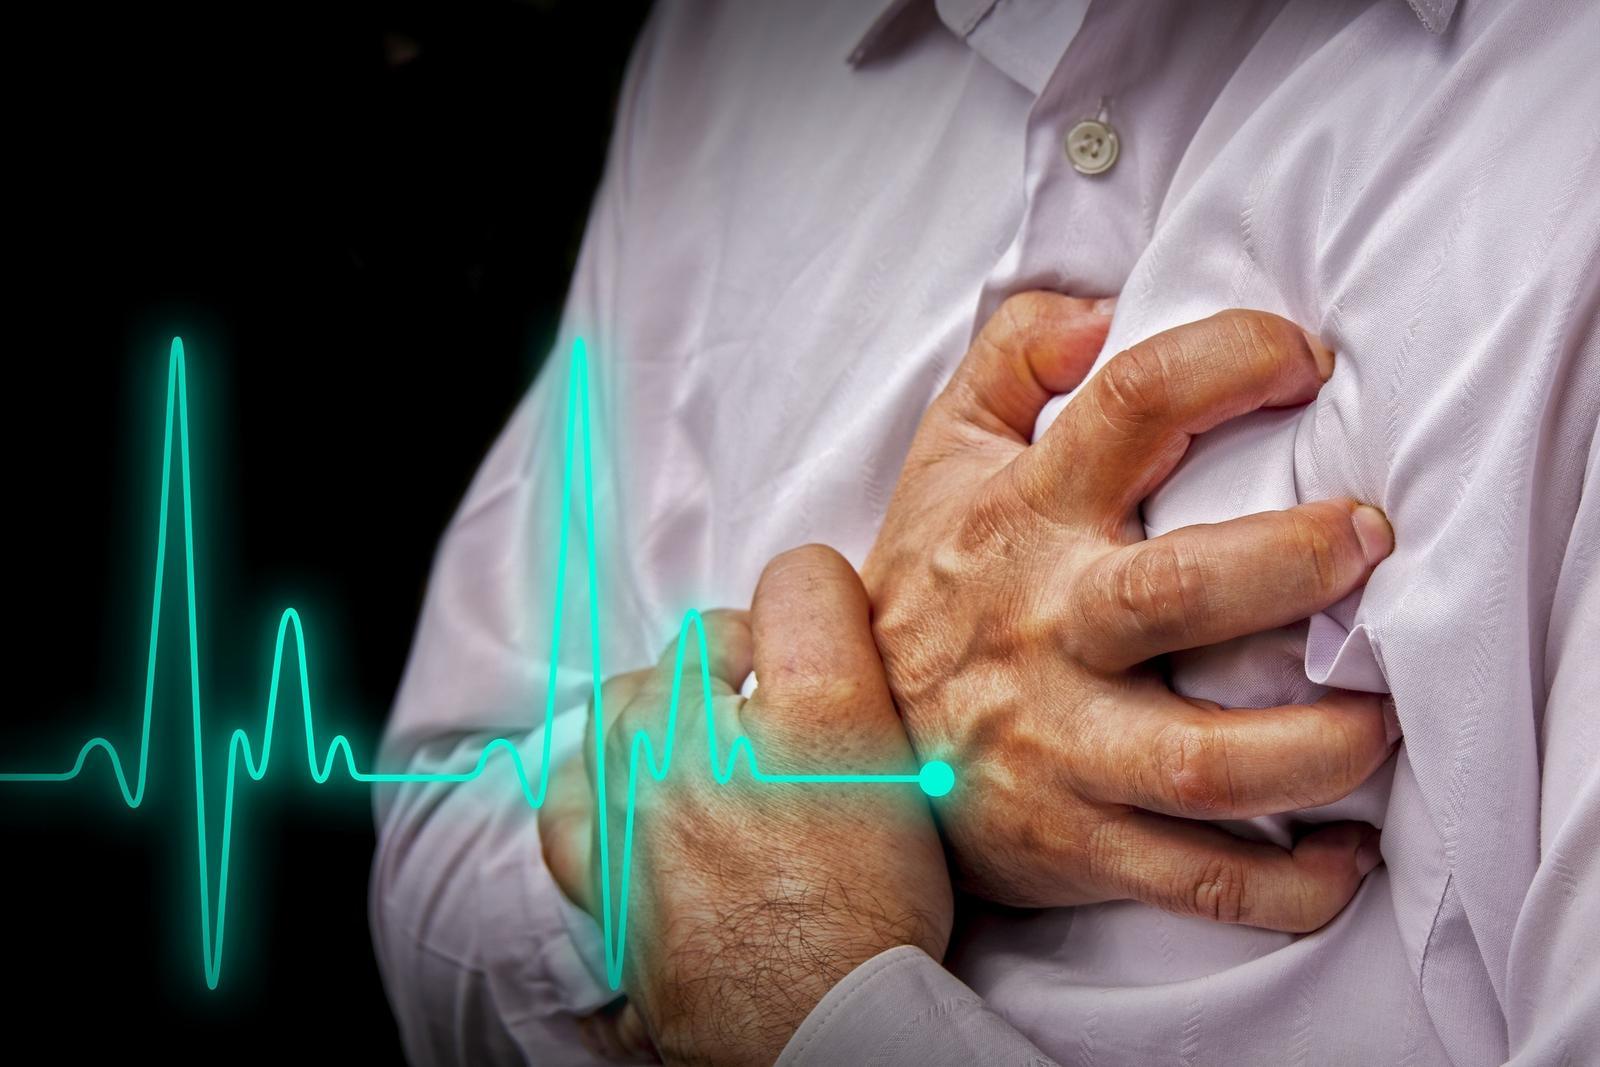 karščiavimas nuo hipertenzijos)